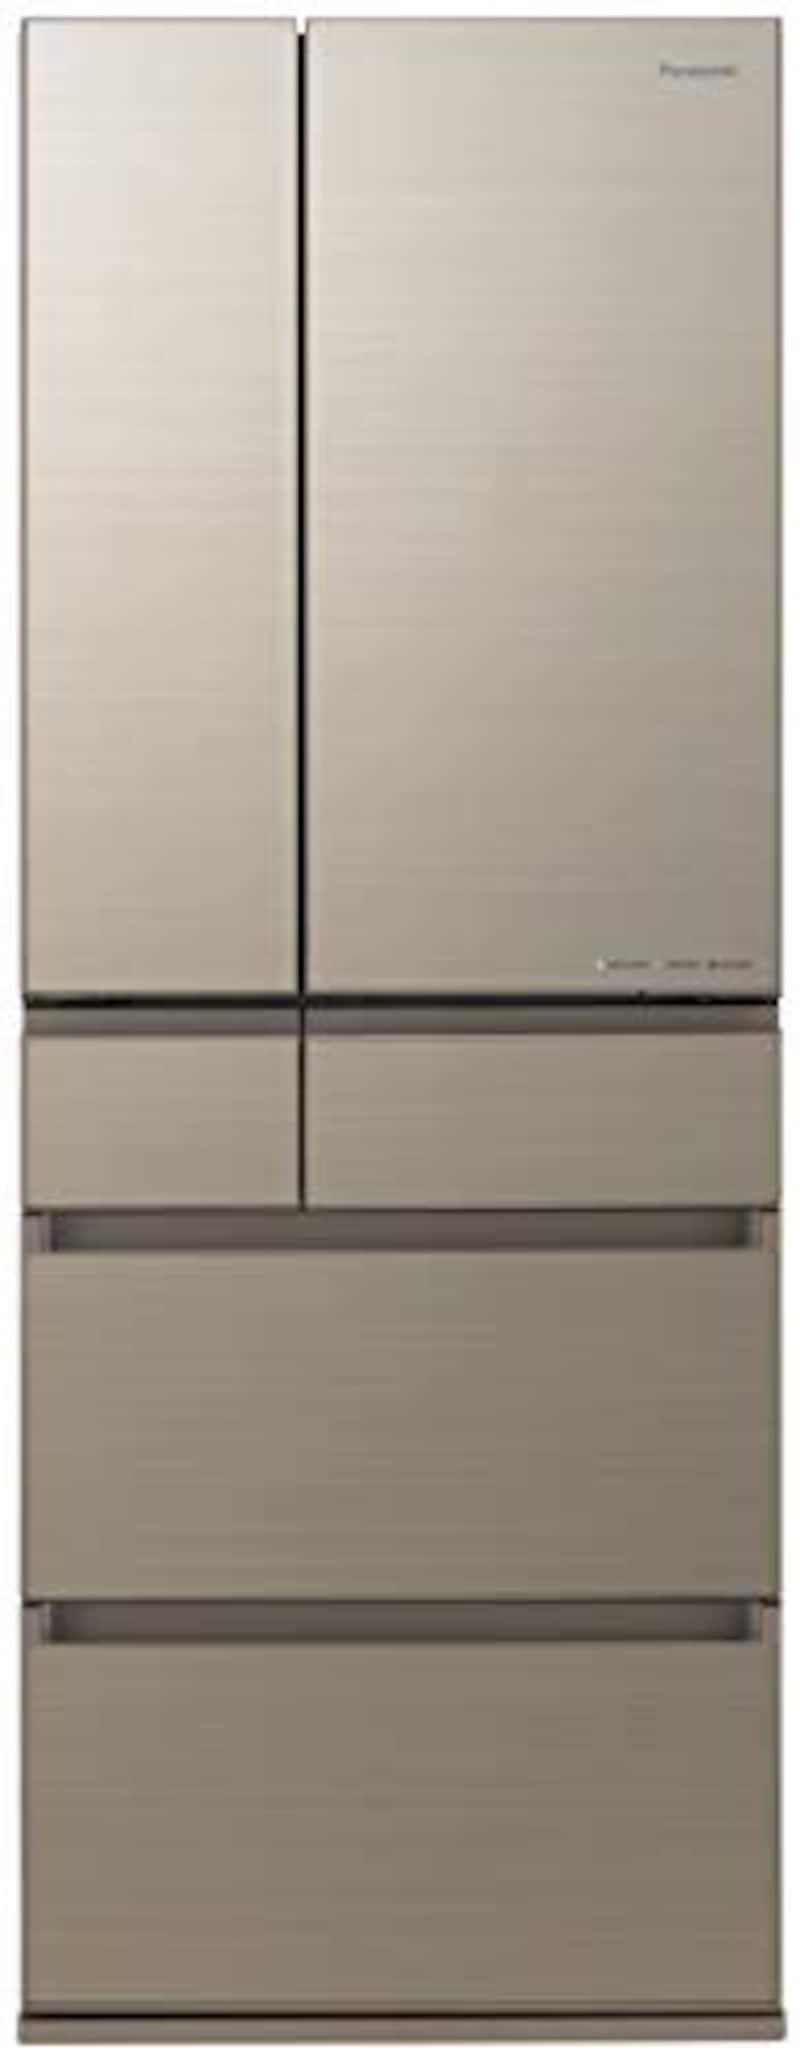 Panasonic(パナソニック),IoT対応6ドア冷蔵庫 アルベロゴールド,NR-F607HPX-N